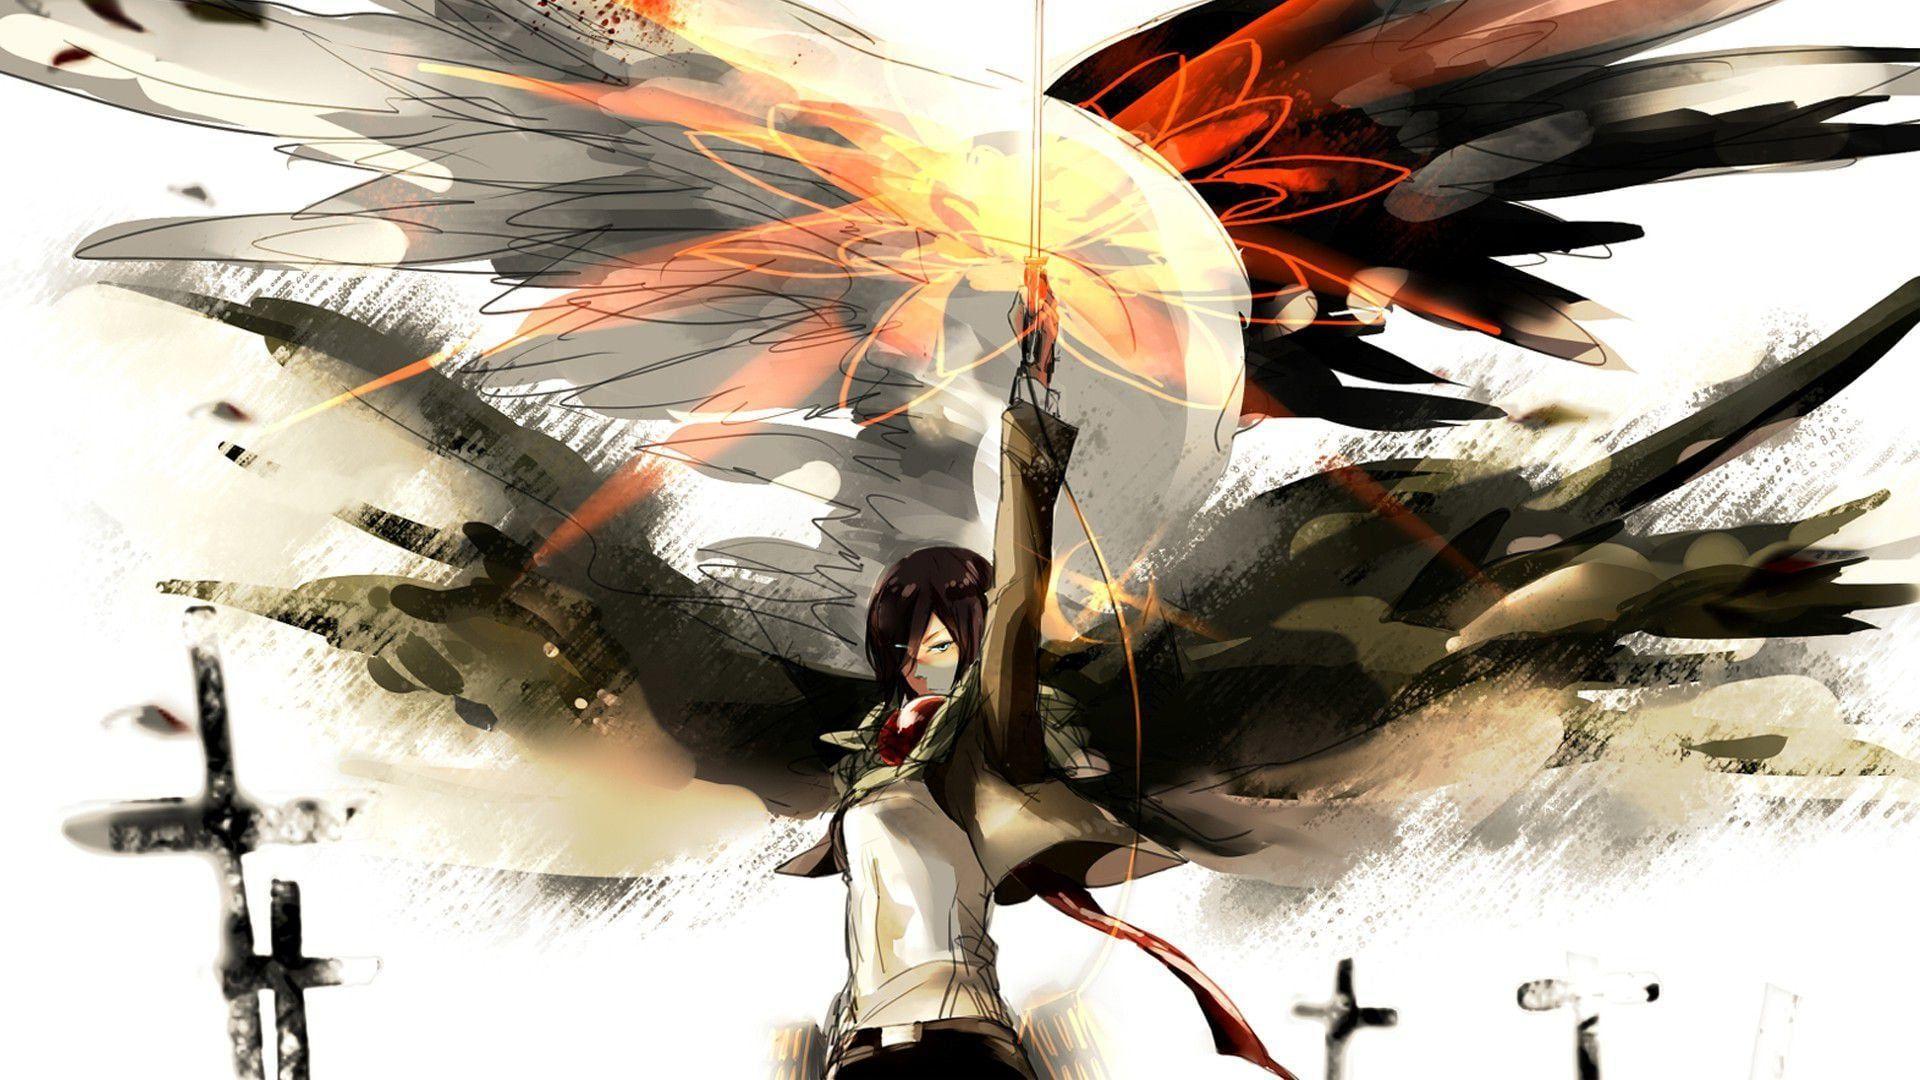 1920x1080 Titan Mikasa Hình nền.  Hình nền tàu chiến Mikasa, Hình nền Mikasa Ackerman thông thường và Hình nền bóng chuyền Mikasa